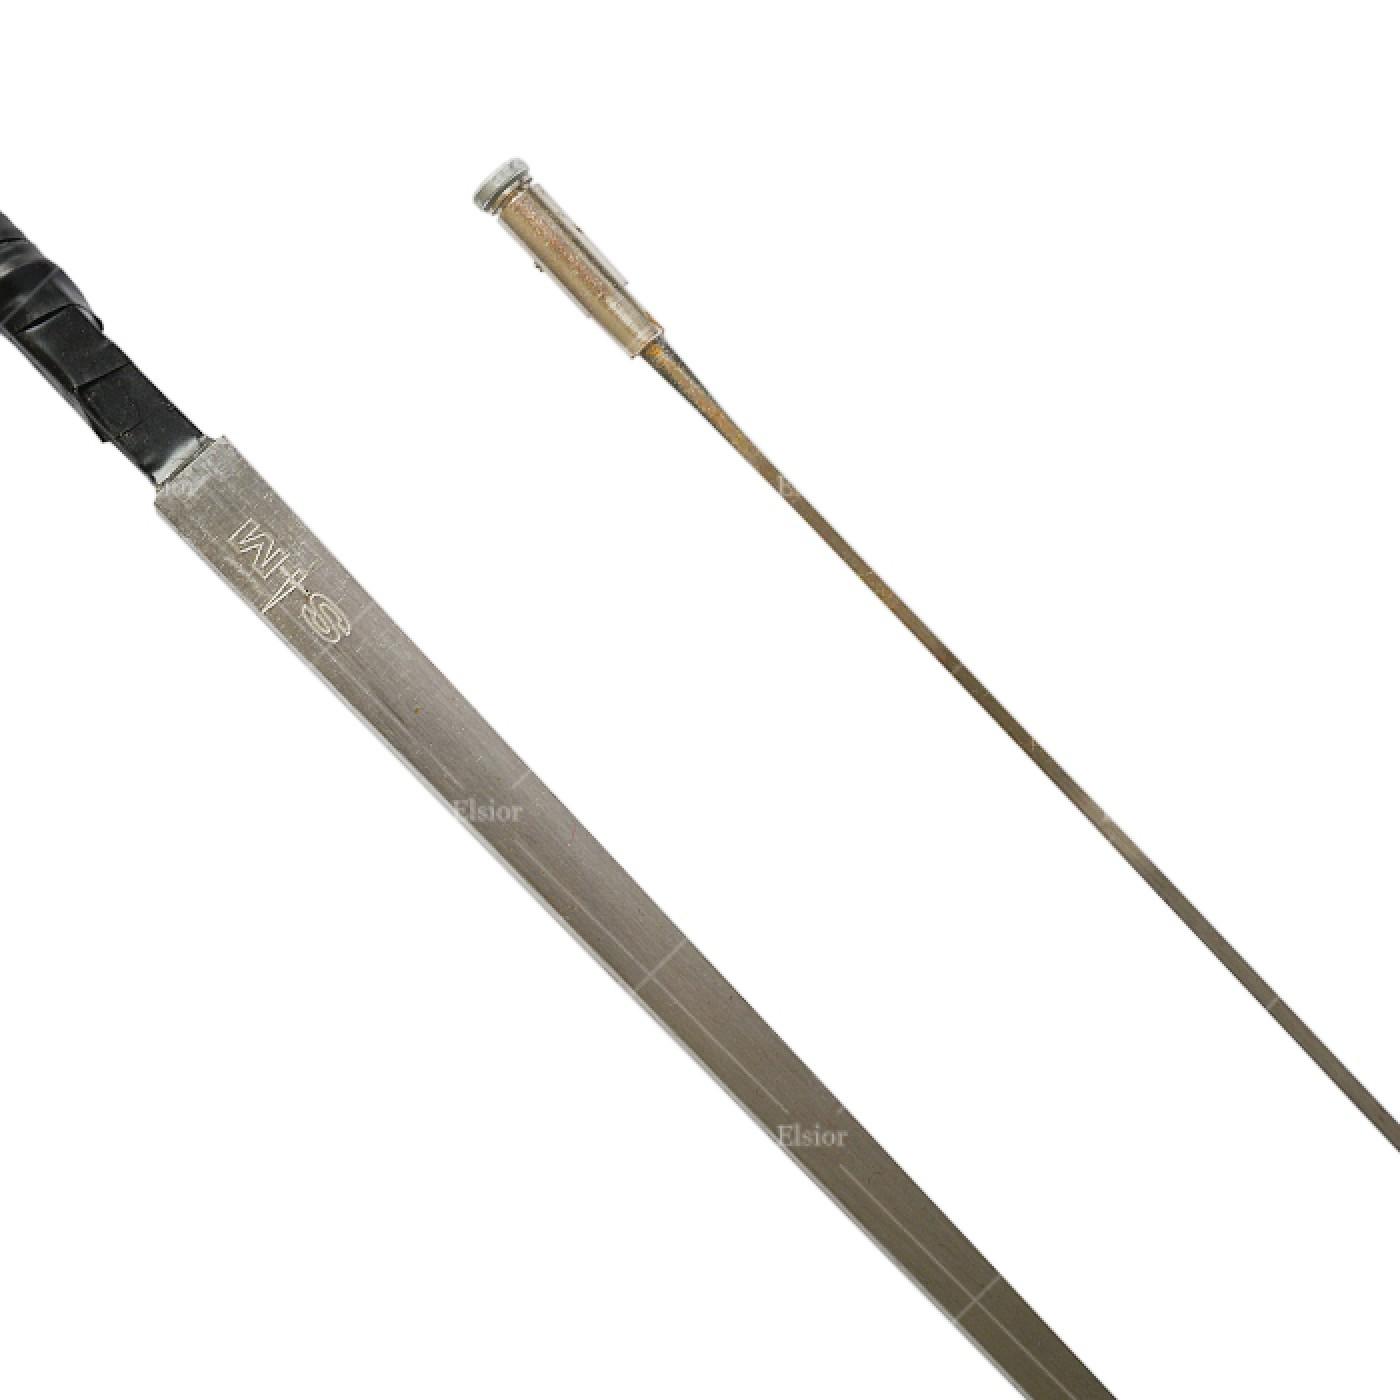 Klinga elektryczna floretowa StM uzbrojona